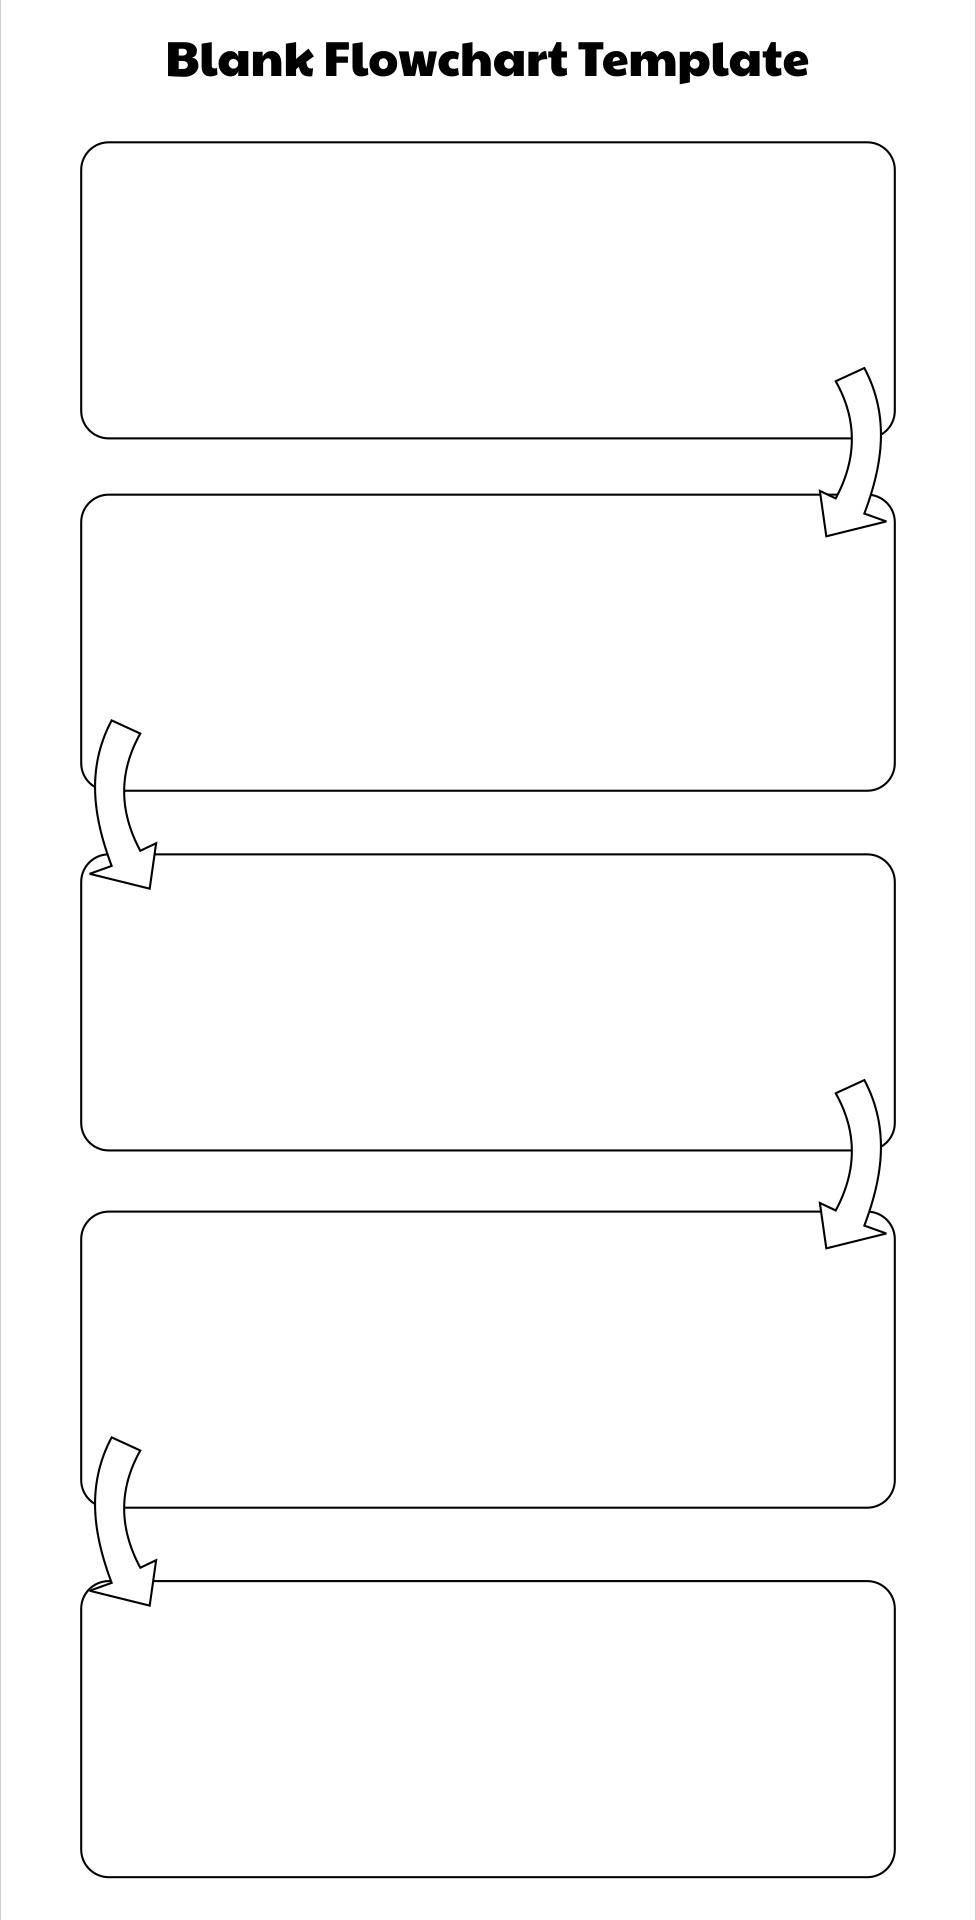 Printable Blank Flowchart Template